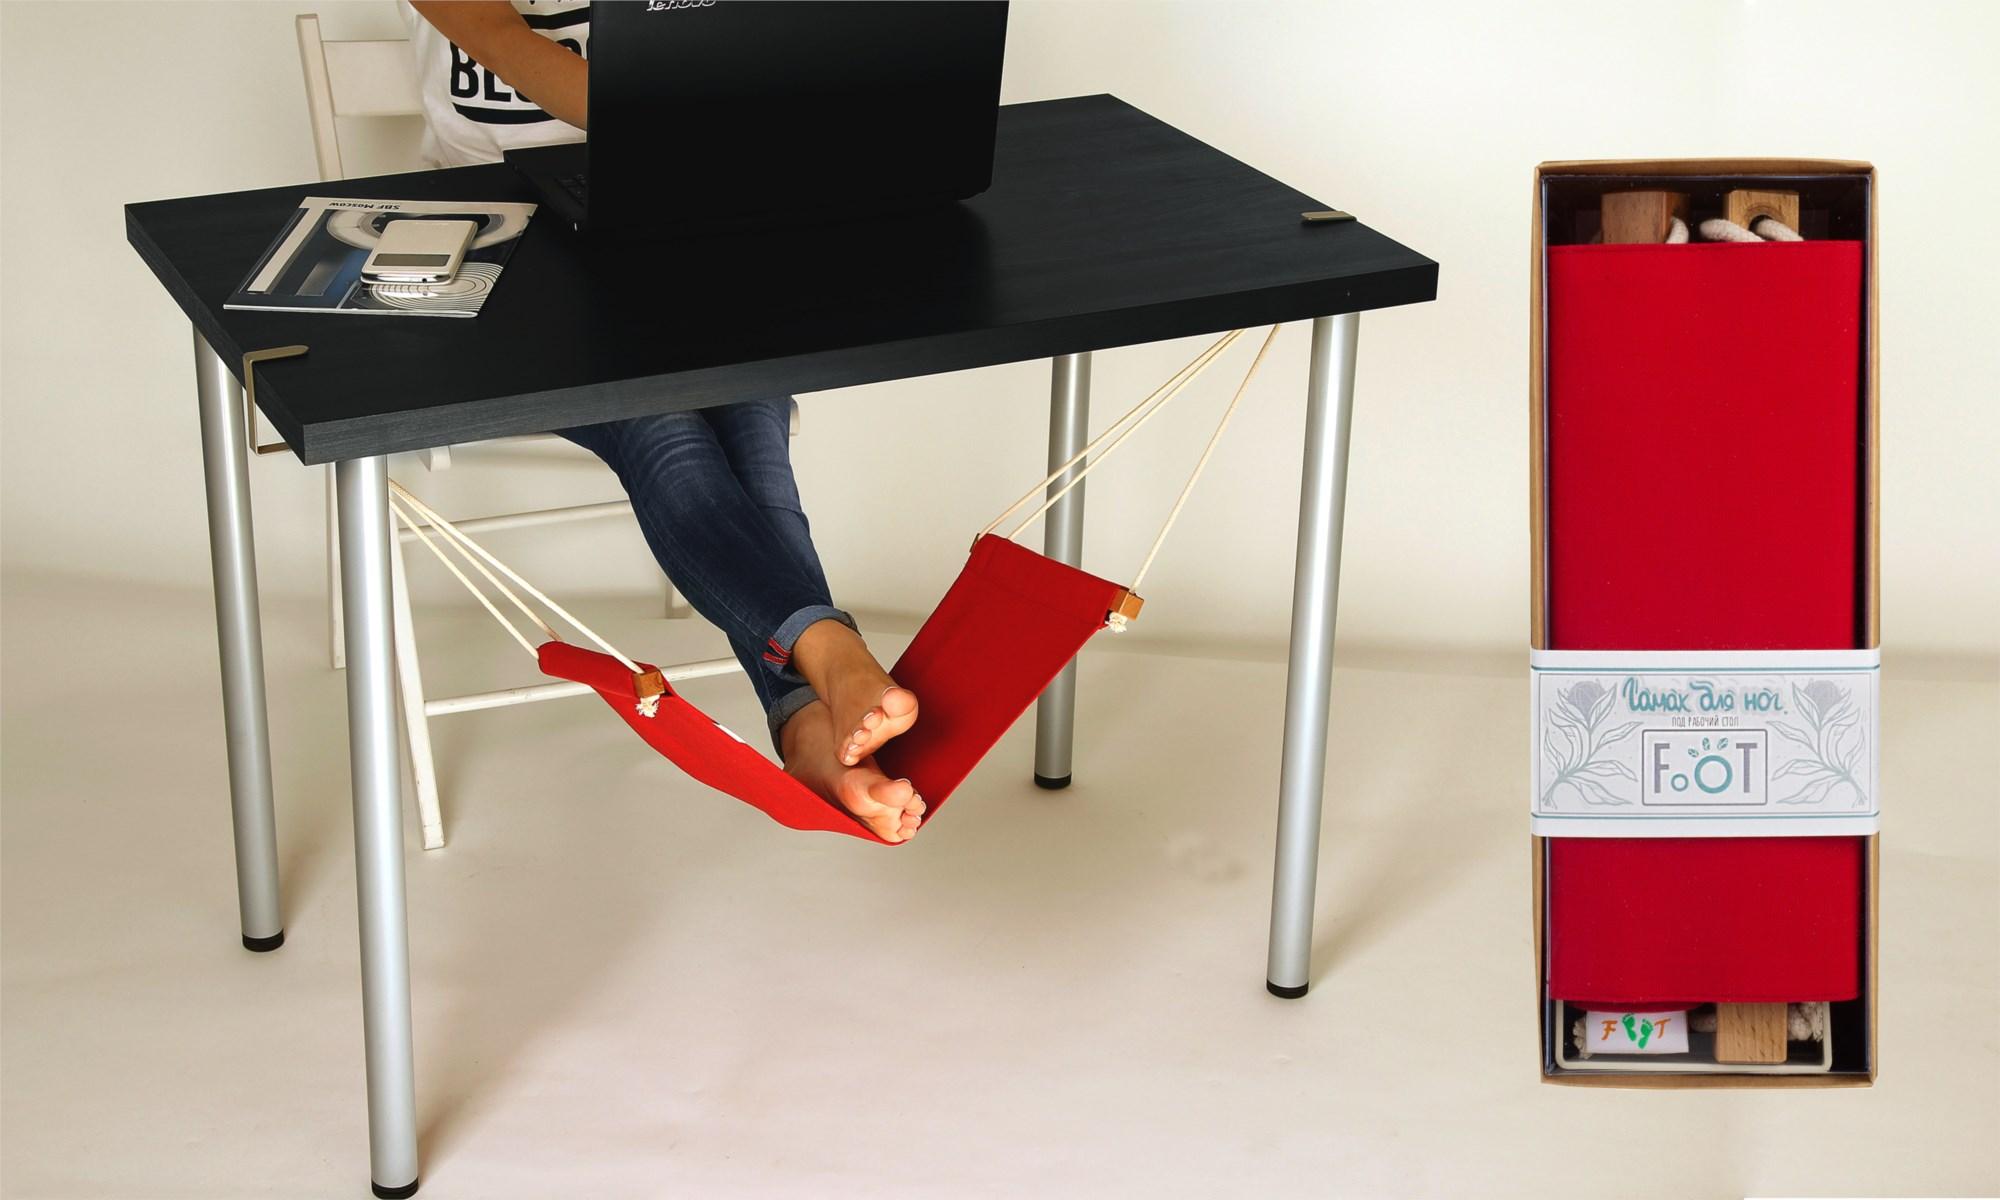 Гамак для ног под рабочий стол RED